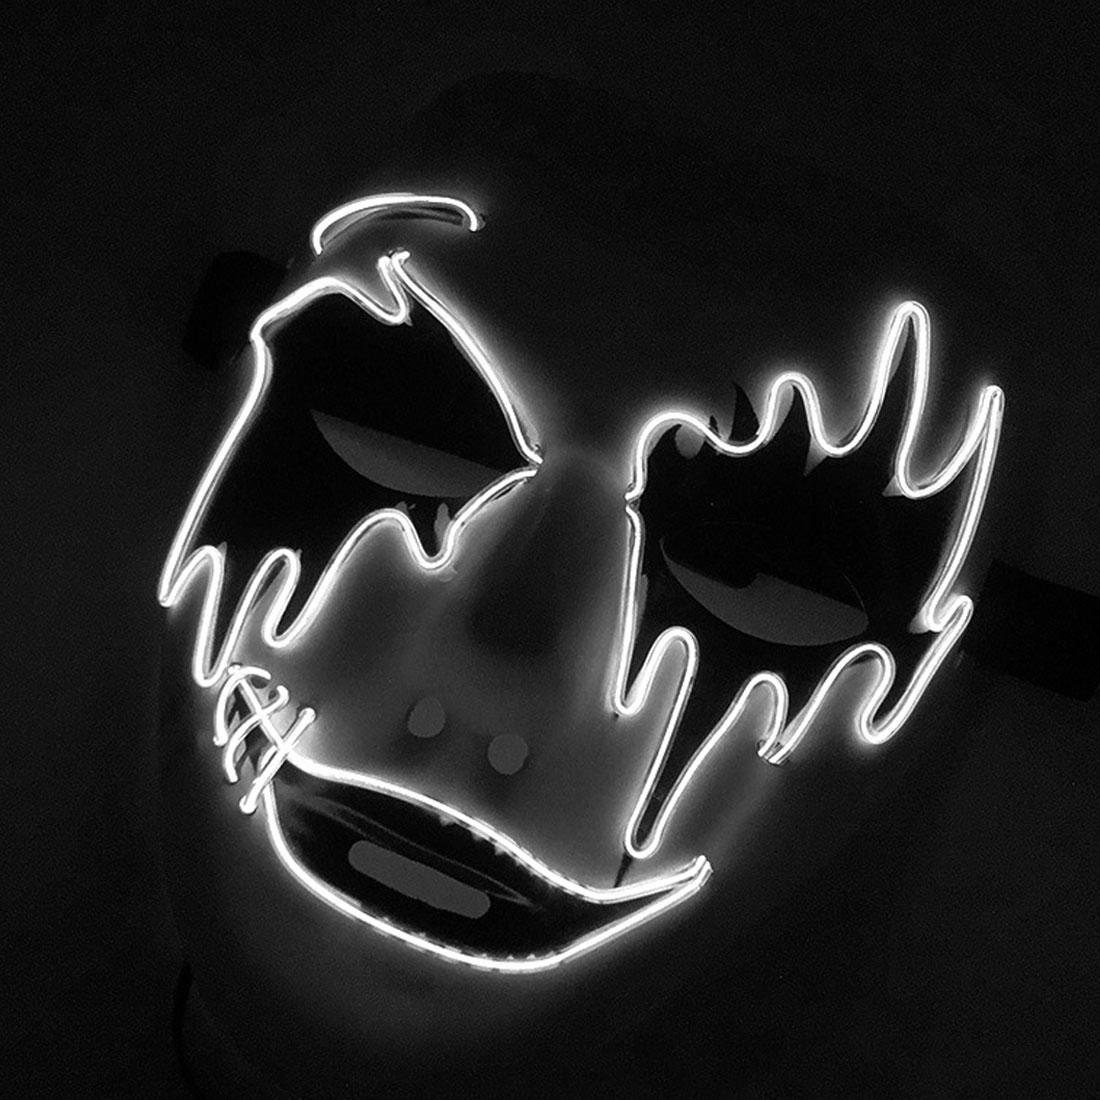 Halloween Scary Maske LED Licht Up Masken Die Purge Wahl Jahr Große Festival Cosplay Kostüm Liefert Party Masken Glow In dark